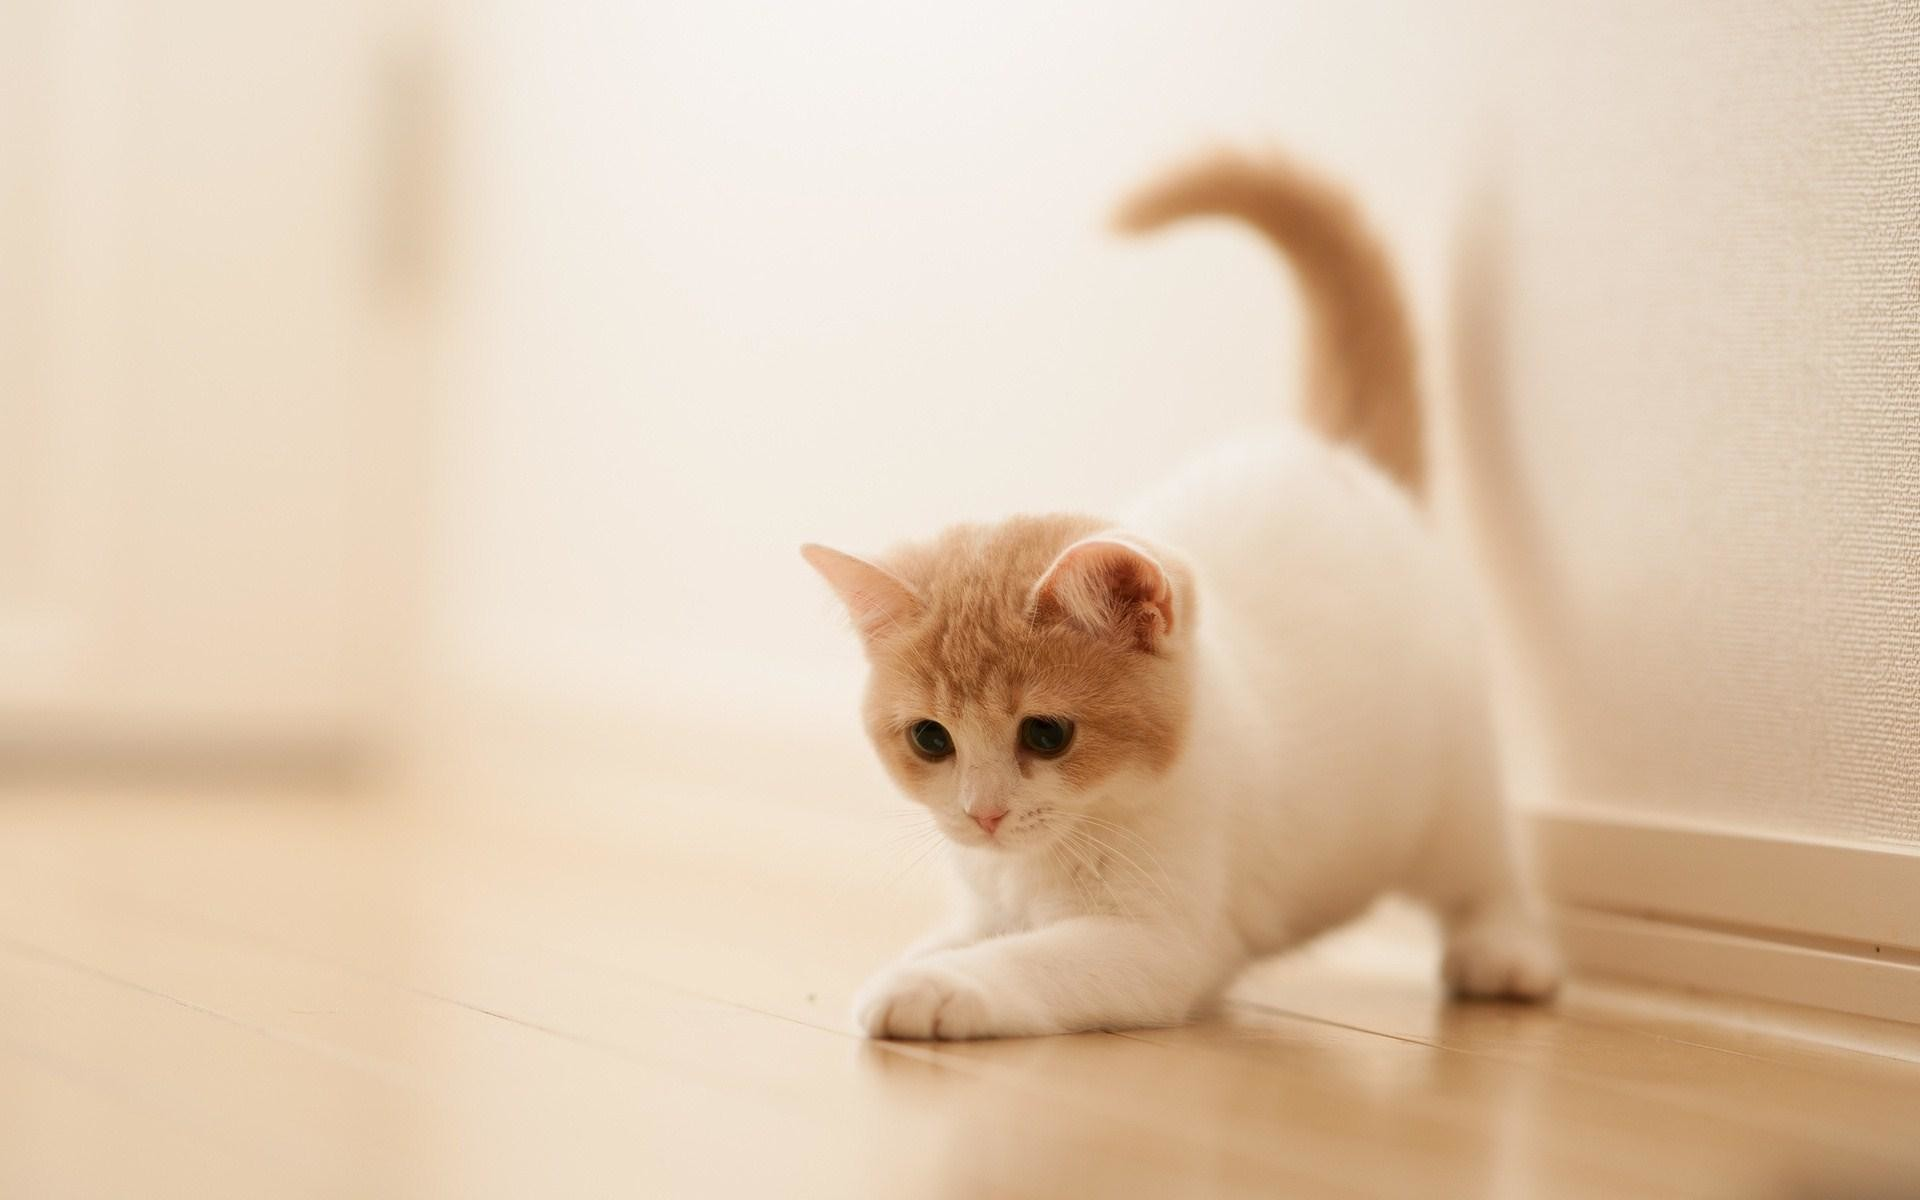 Wallpapers For > Kitten White Background Wallpaper